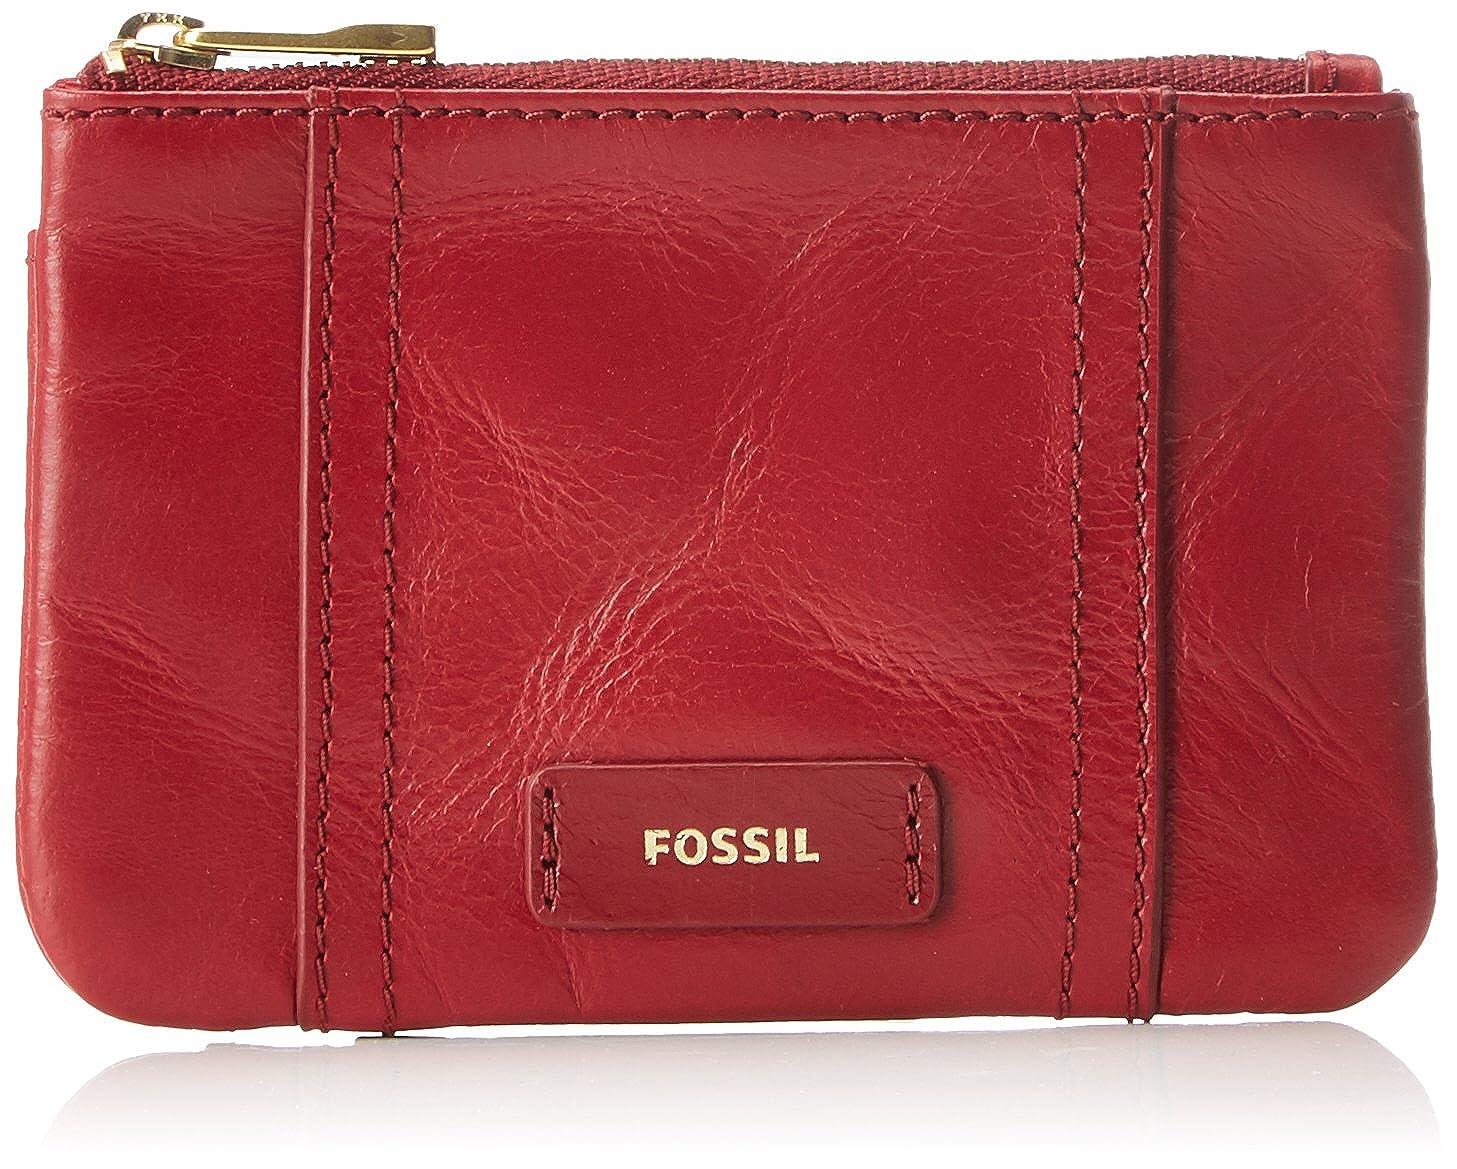 Fossil - Damen Geldbörse Ellis Zip Coin, Carteras Mujer, Rot (Red Velvet), 0.6x7.62x10.8 cm (B x H T): Amazon.es: Zapatos y complementos